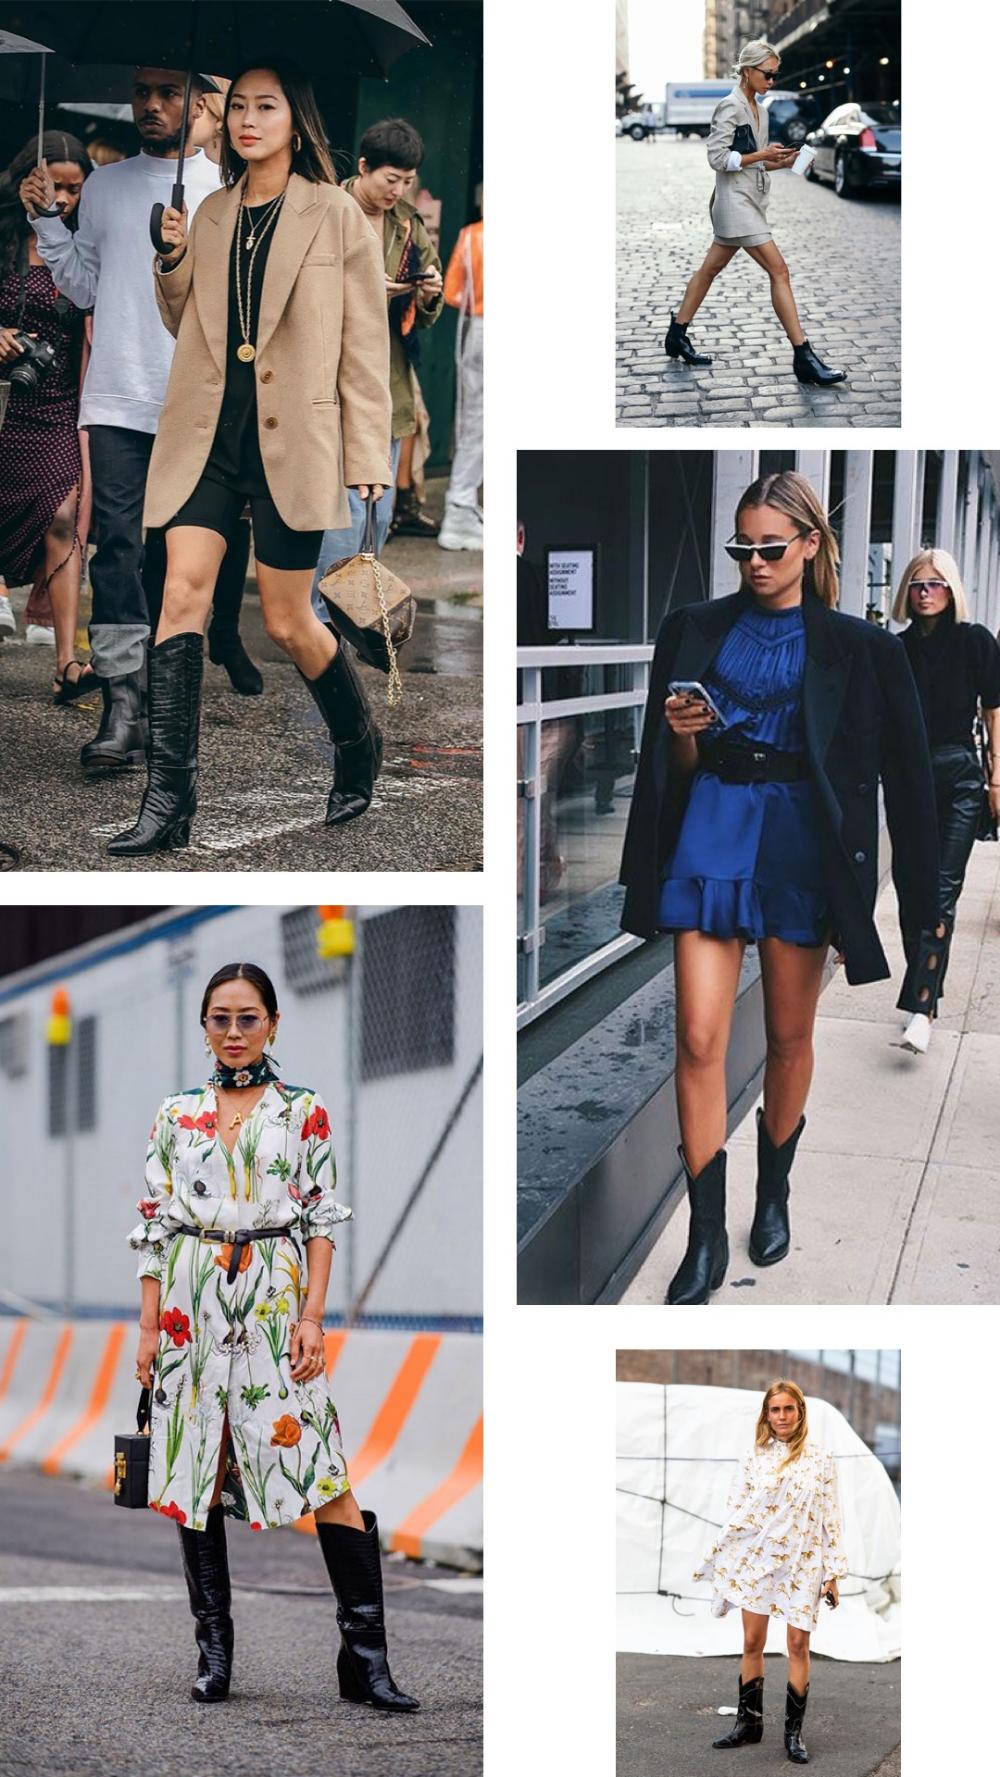 Kowbojskie Buty W Stylizacjach Przez Caly Rok Maffashion Fashion